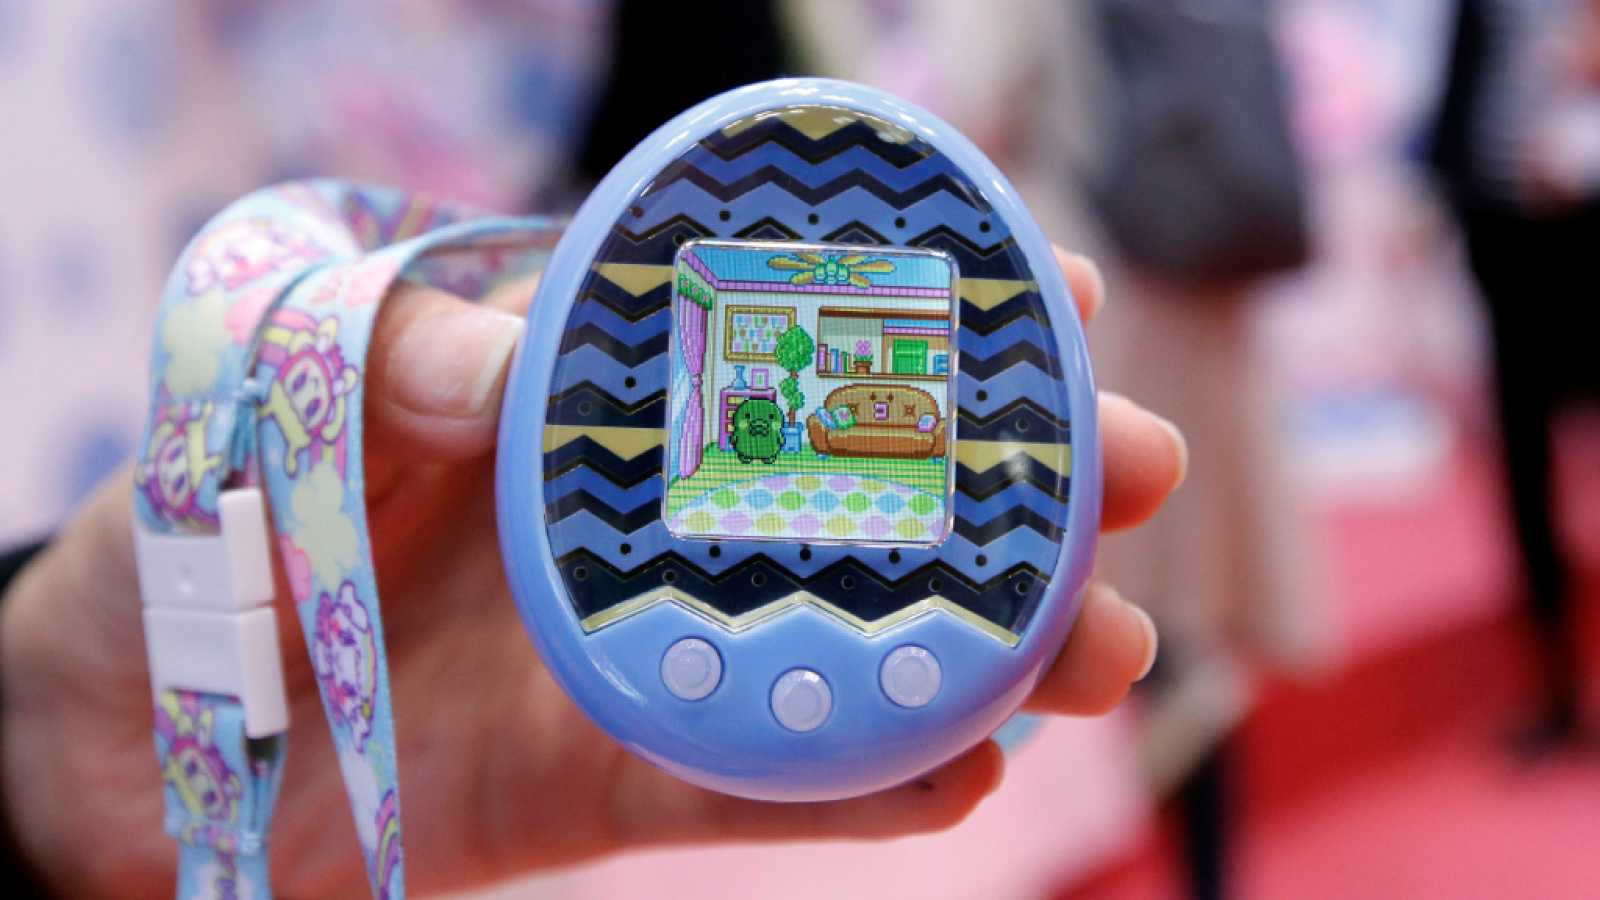 Tamagotchi regresa con novedades: pantalla a color y con posibilidad de conectarlo al móvil